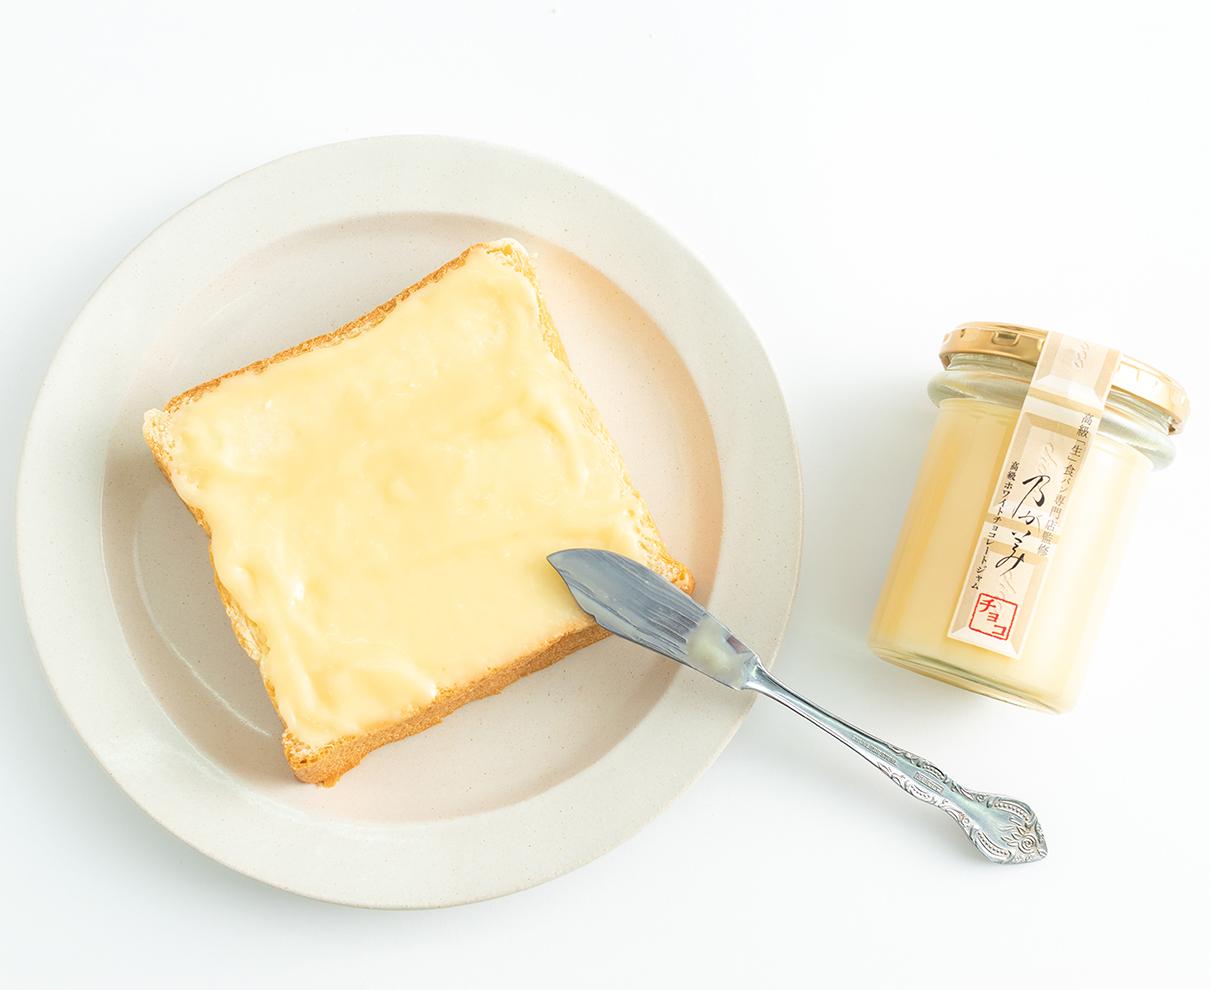 数量限定! 高級生食パン専門店『乃が美』から、ホワイトチョコレートジャムが新登場。